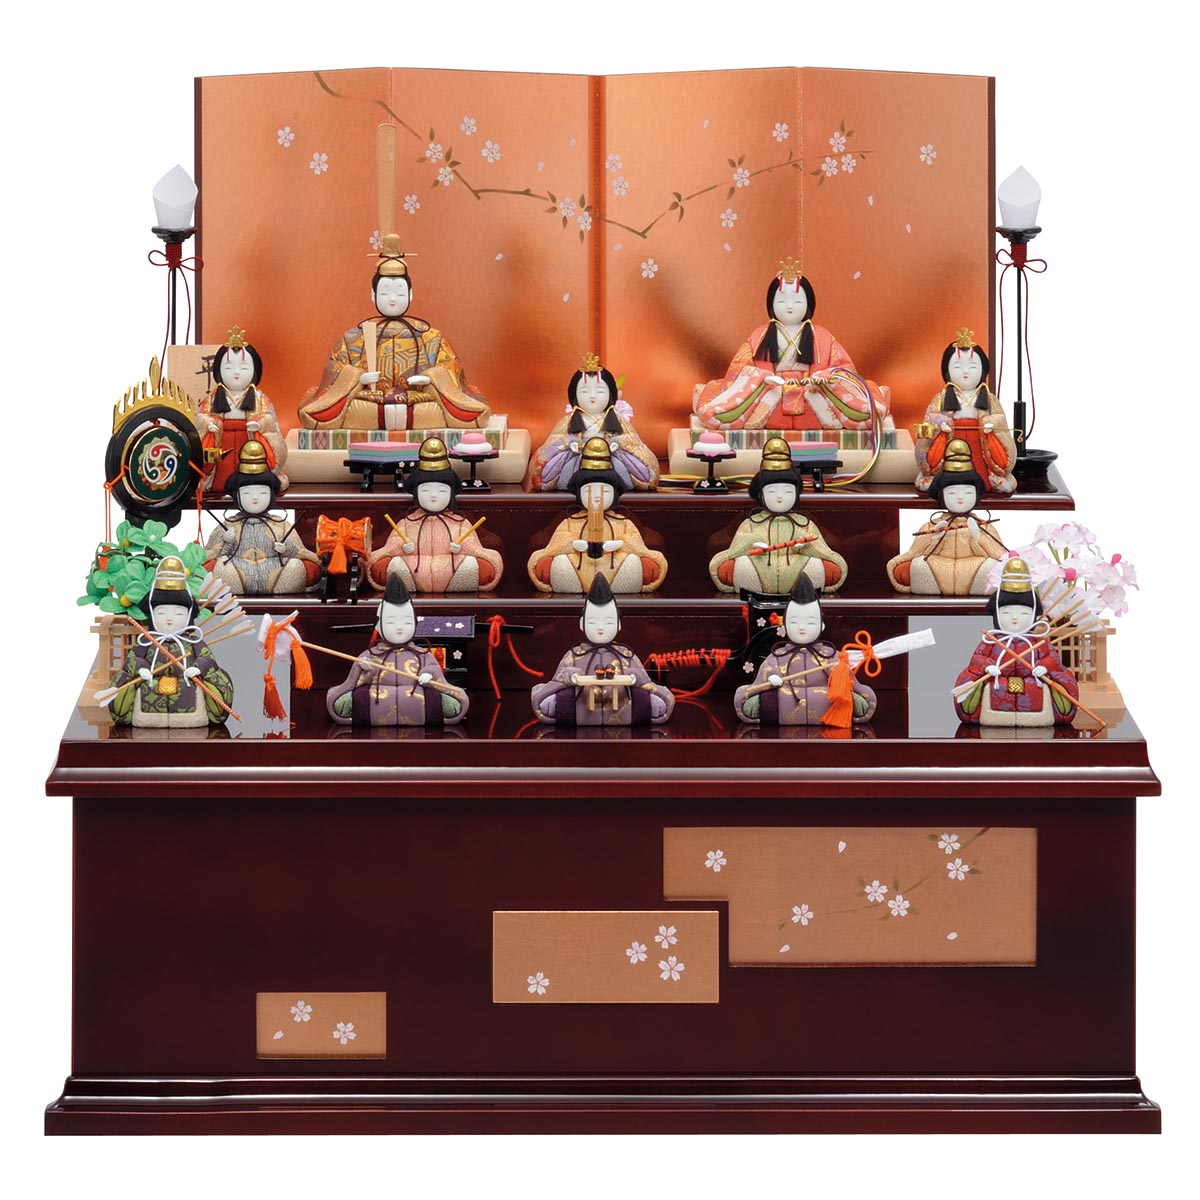 雛人形 一秀 コンパクト 木目込み飾り 十五人飾り 平安雛 14-1号 桐収納飾り 雛人形 HNIS-D-19ひな人形 かわいい おしゃれ インテリア 雛 木目込人形飾り [P20]